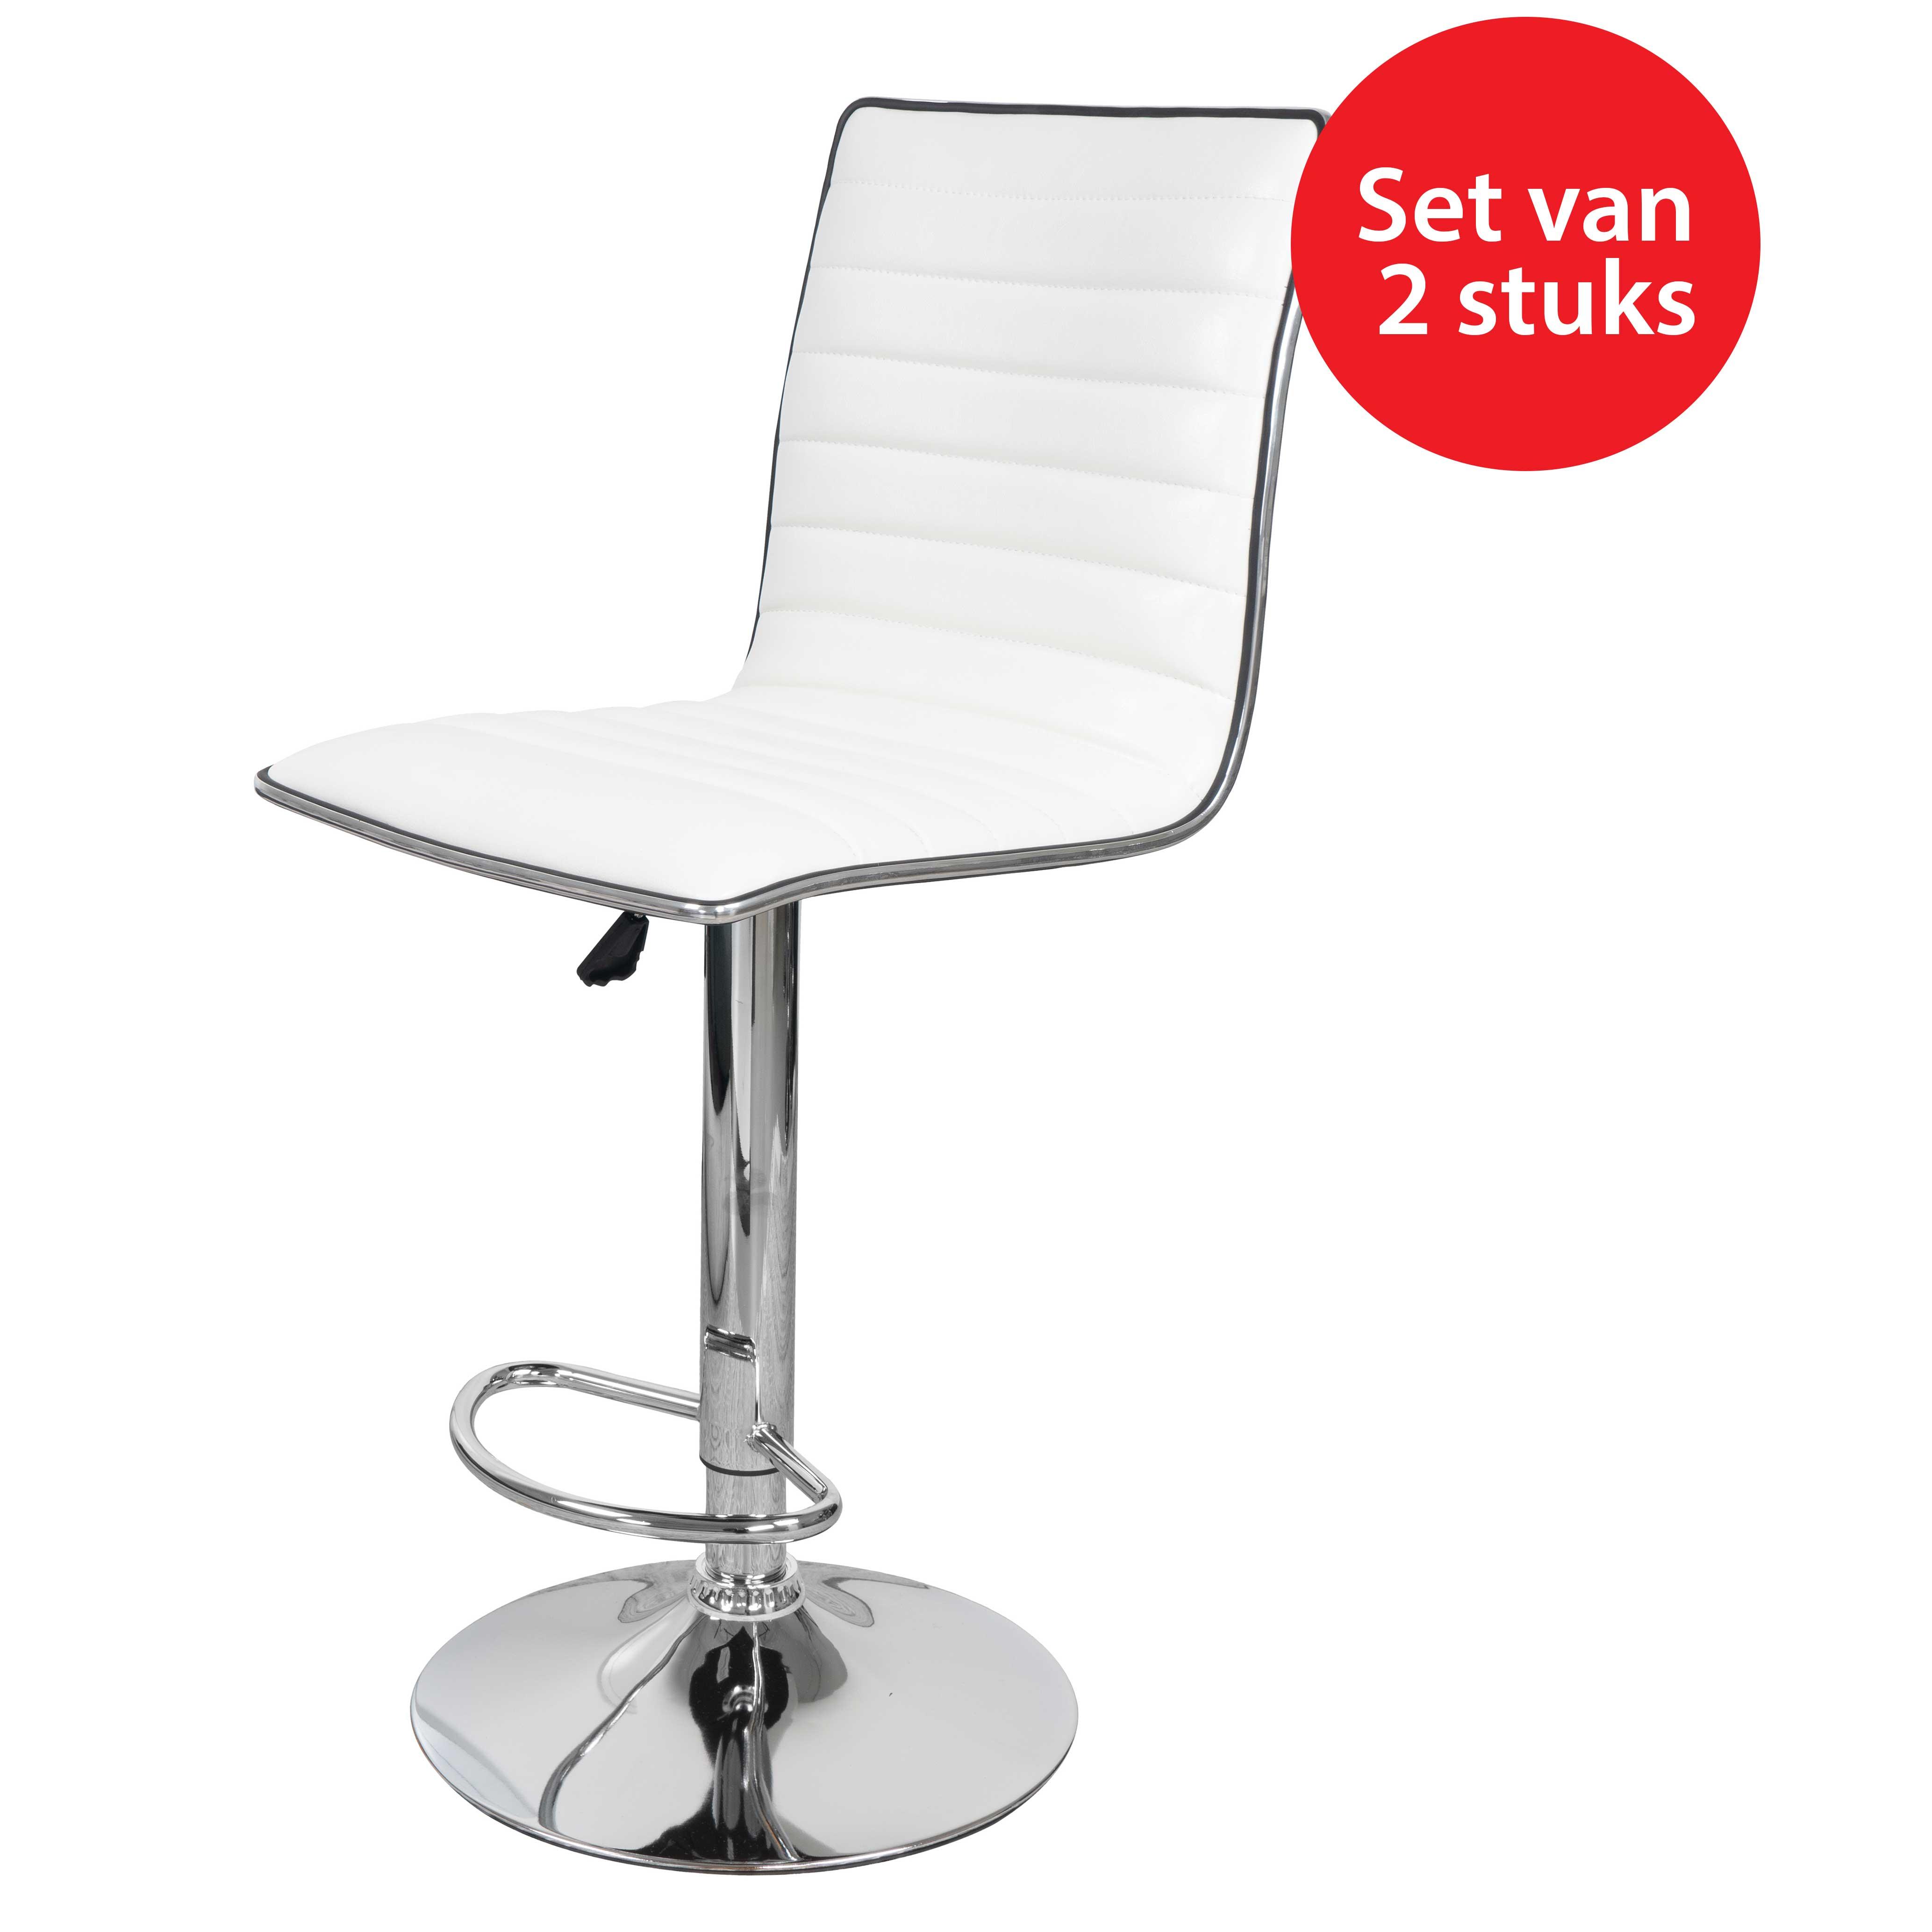 Moderne Witte Barstoelen.Witte Leren Barkrukken Andrew 2 Stuks